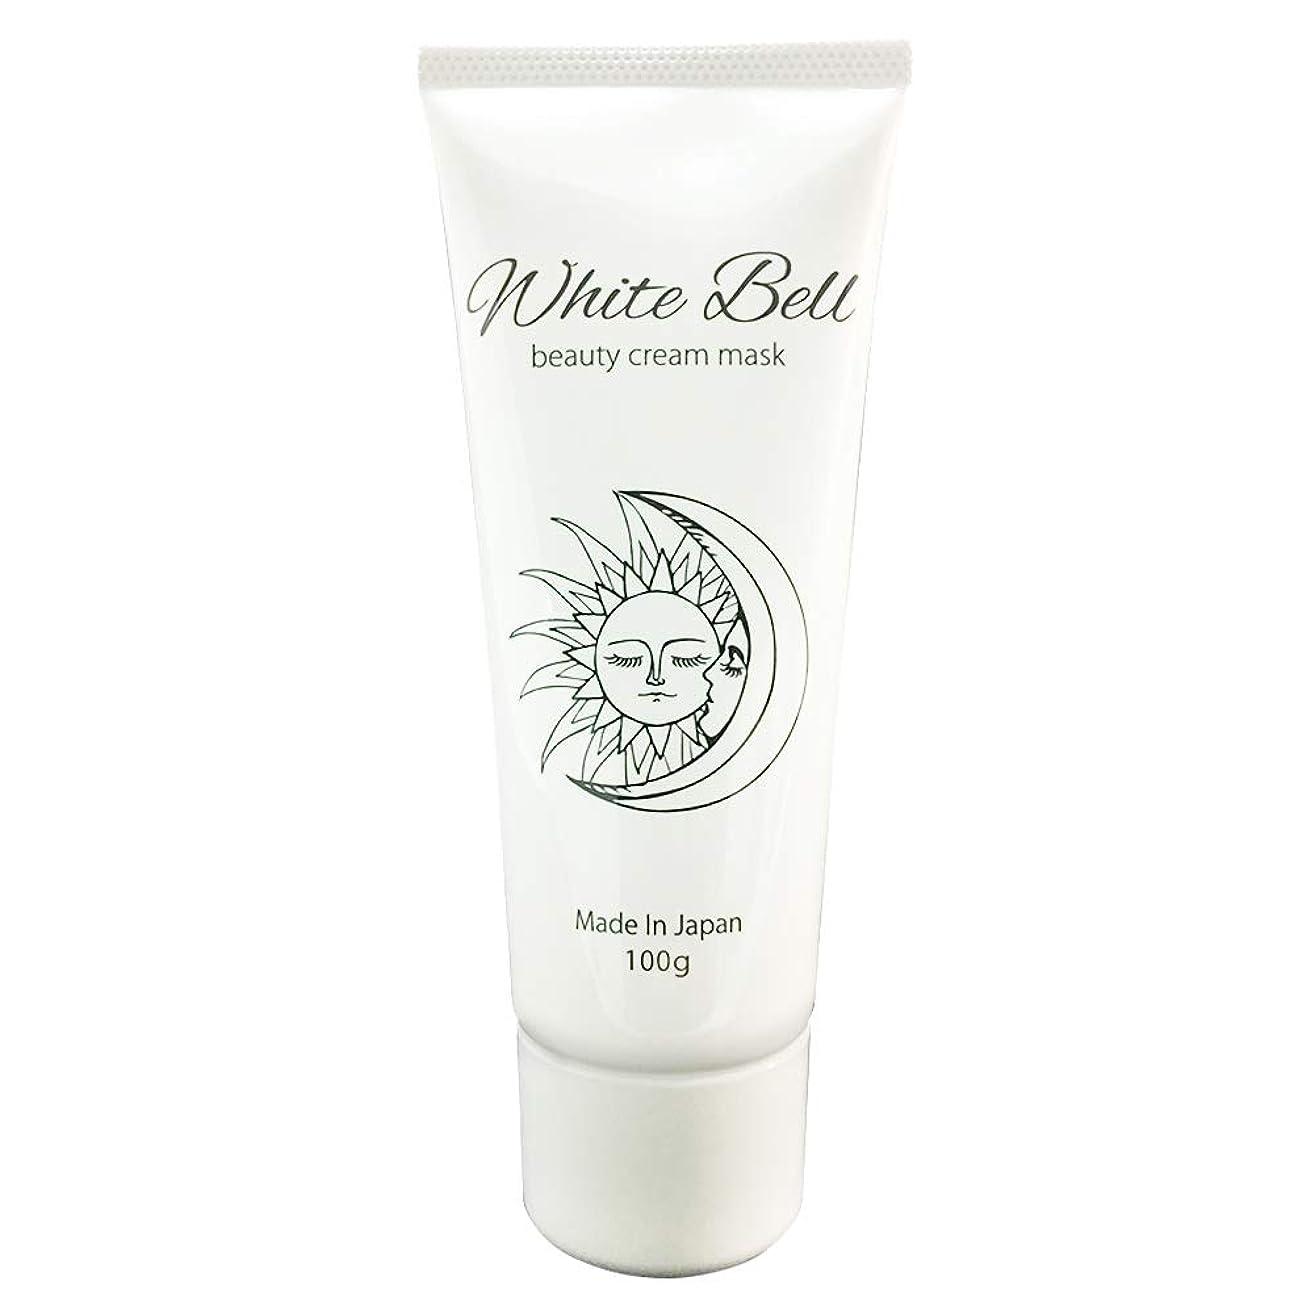 民間人故国笑ホワイトベル ビューティークリームマスク White-Bell beauty cream mask ナイトクリーム オールインワン